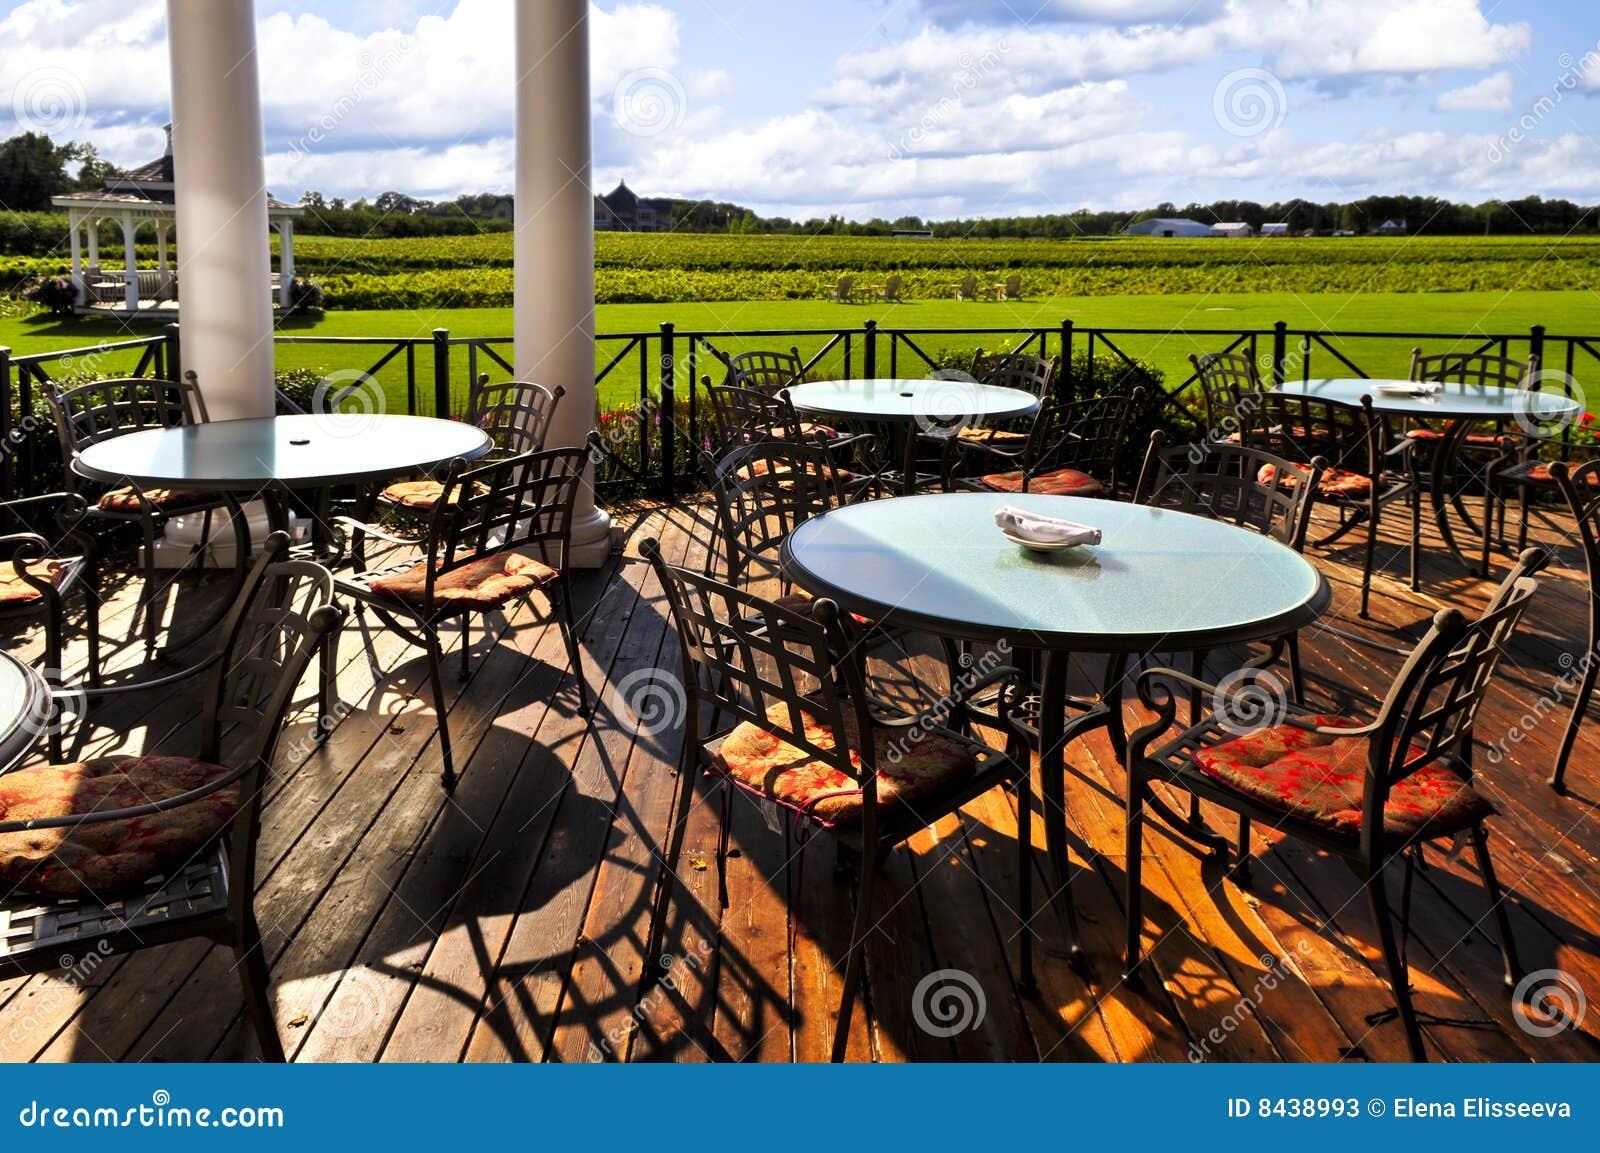 Patio overlooking vineyard